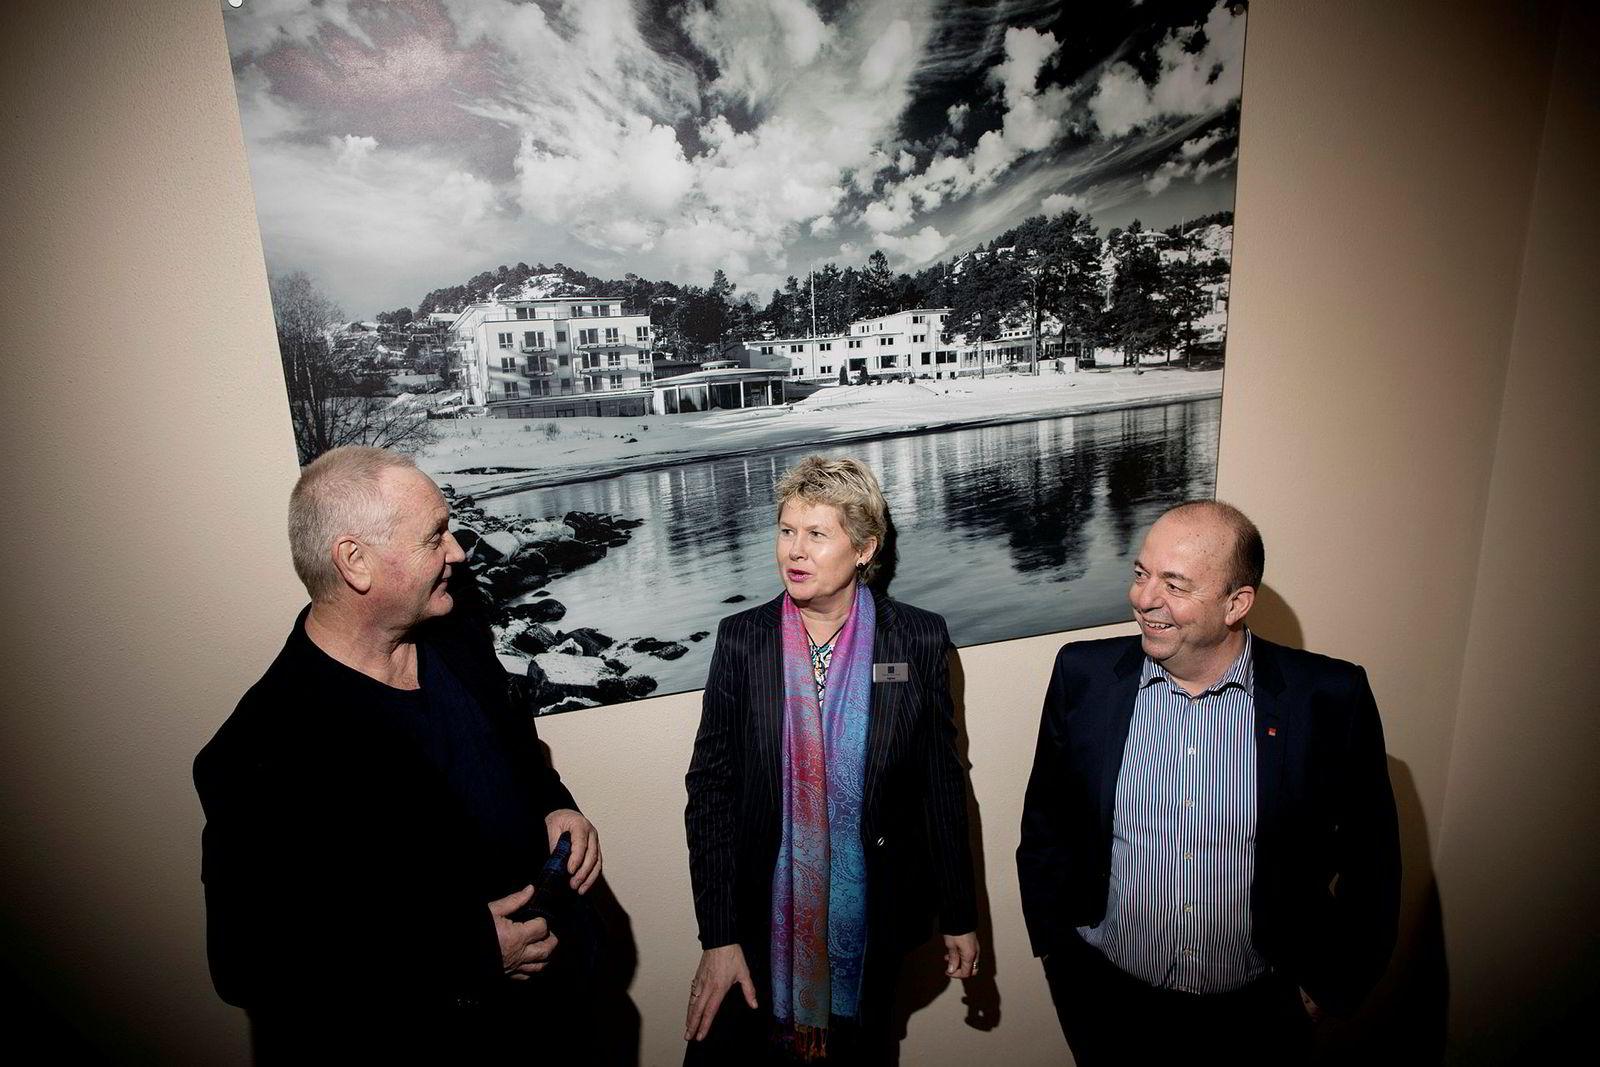 Agnes Berntsen (i midten) går i kompaniskap med eiendomsinvestoren Kurt Mosvold og kjøper Utsikten Hotel i Kvinesdal. Her er hun avbildet i fjor sammen med Erik Berg (til venstre) og Runar Myklebust da hotellkjeden Classic Norway kjøpte hotellet hun hadde drevet gjennom 14 år, Fevik Strand Hotel utenfor Grimstad.